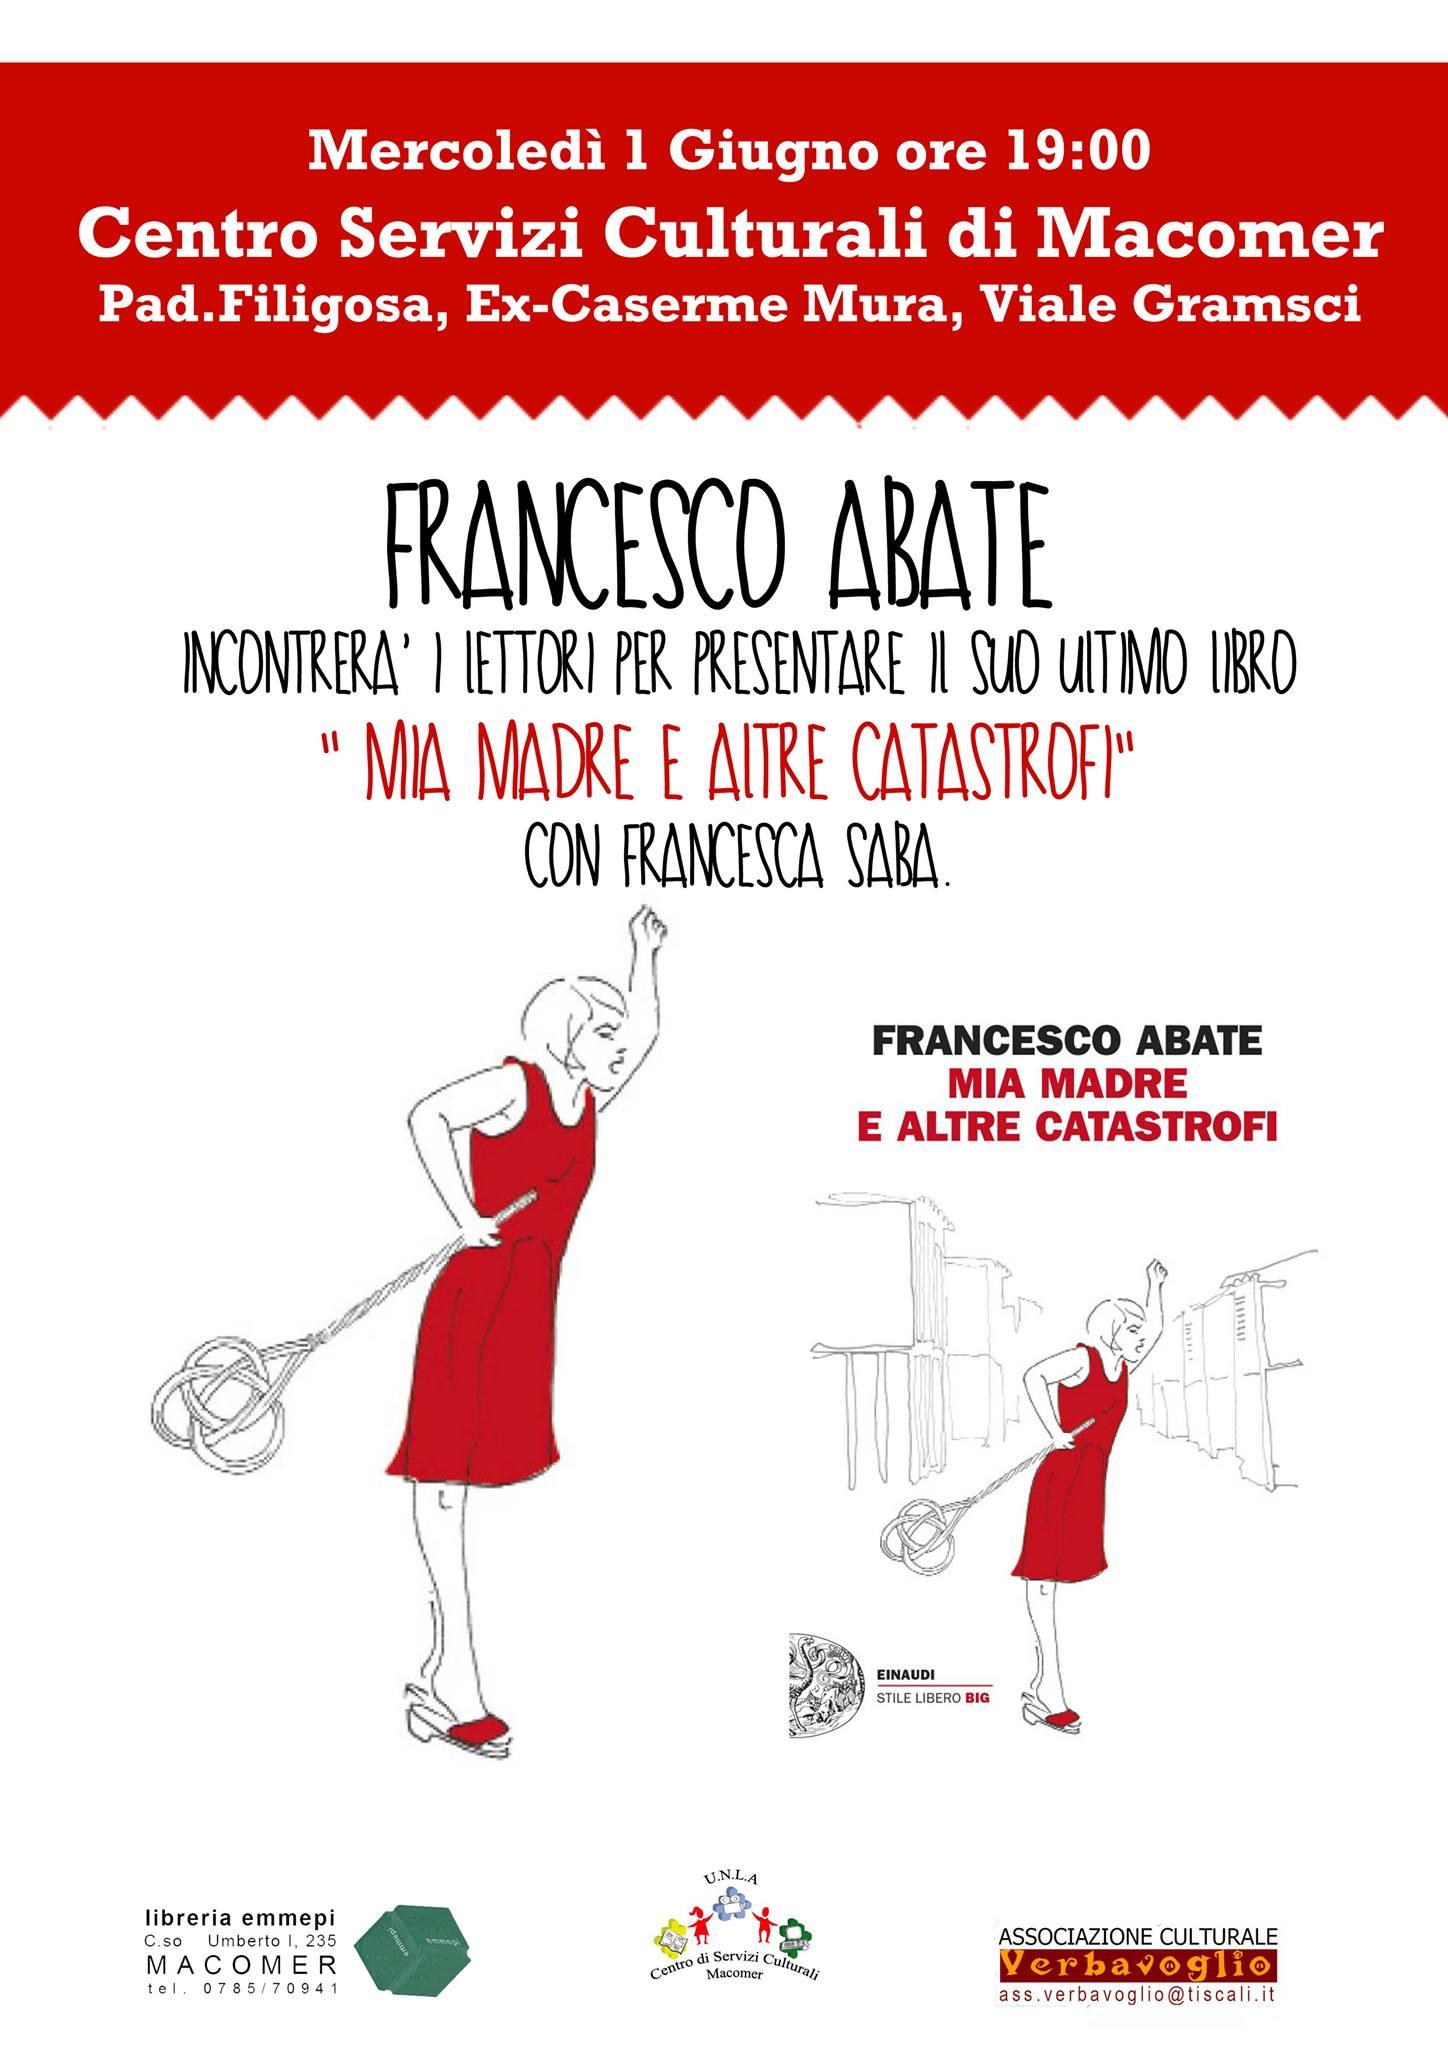 """""""Mia madre e altre catastrofi"""" con Francesco Abate. Mercoledì 1 Giugno ore 19"""